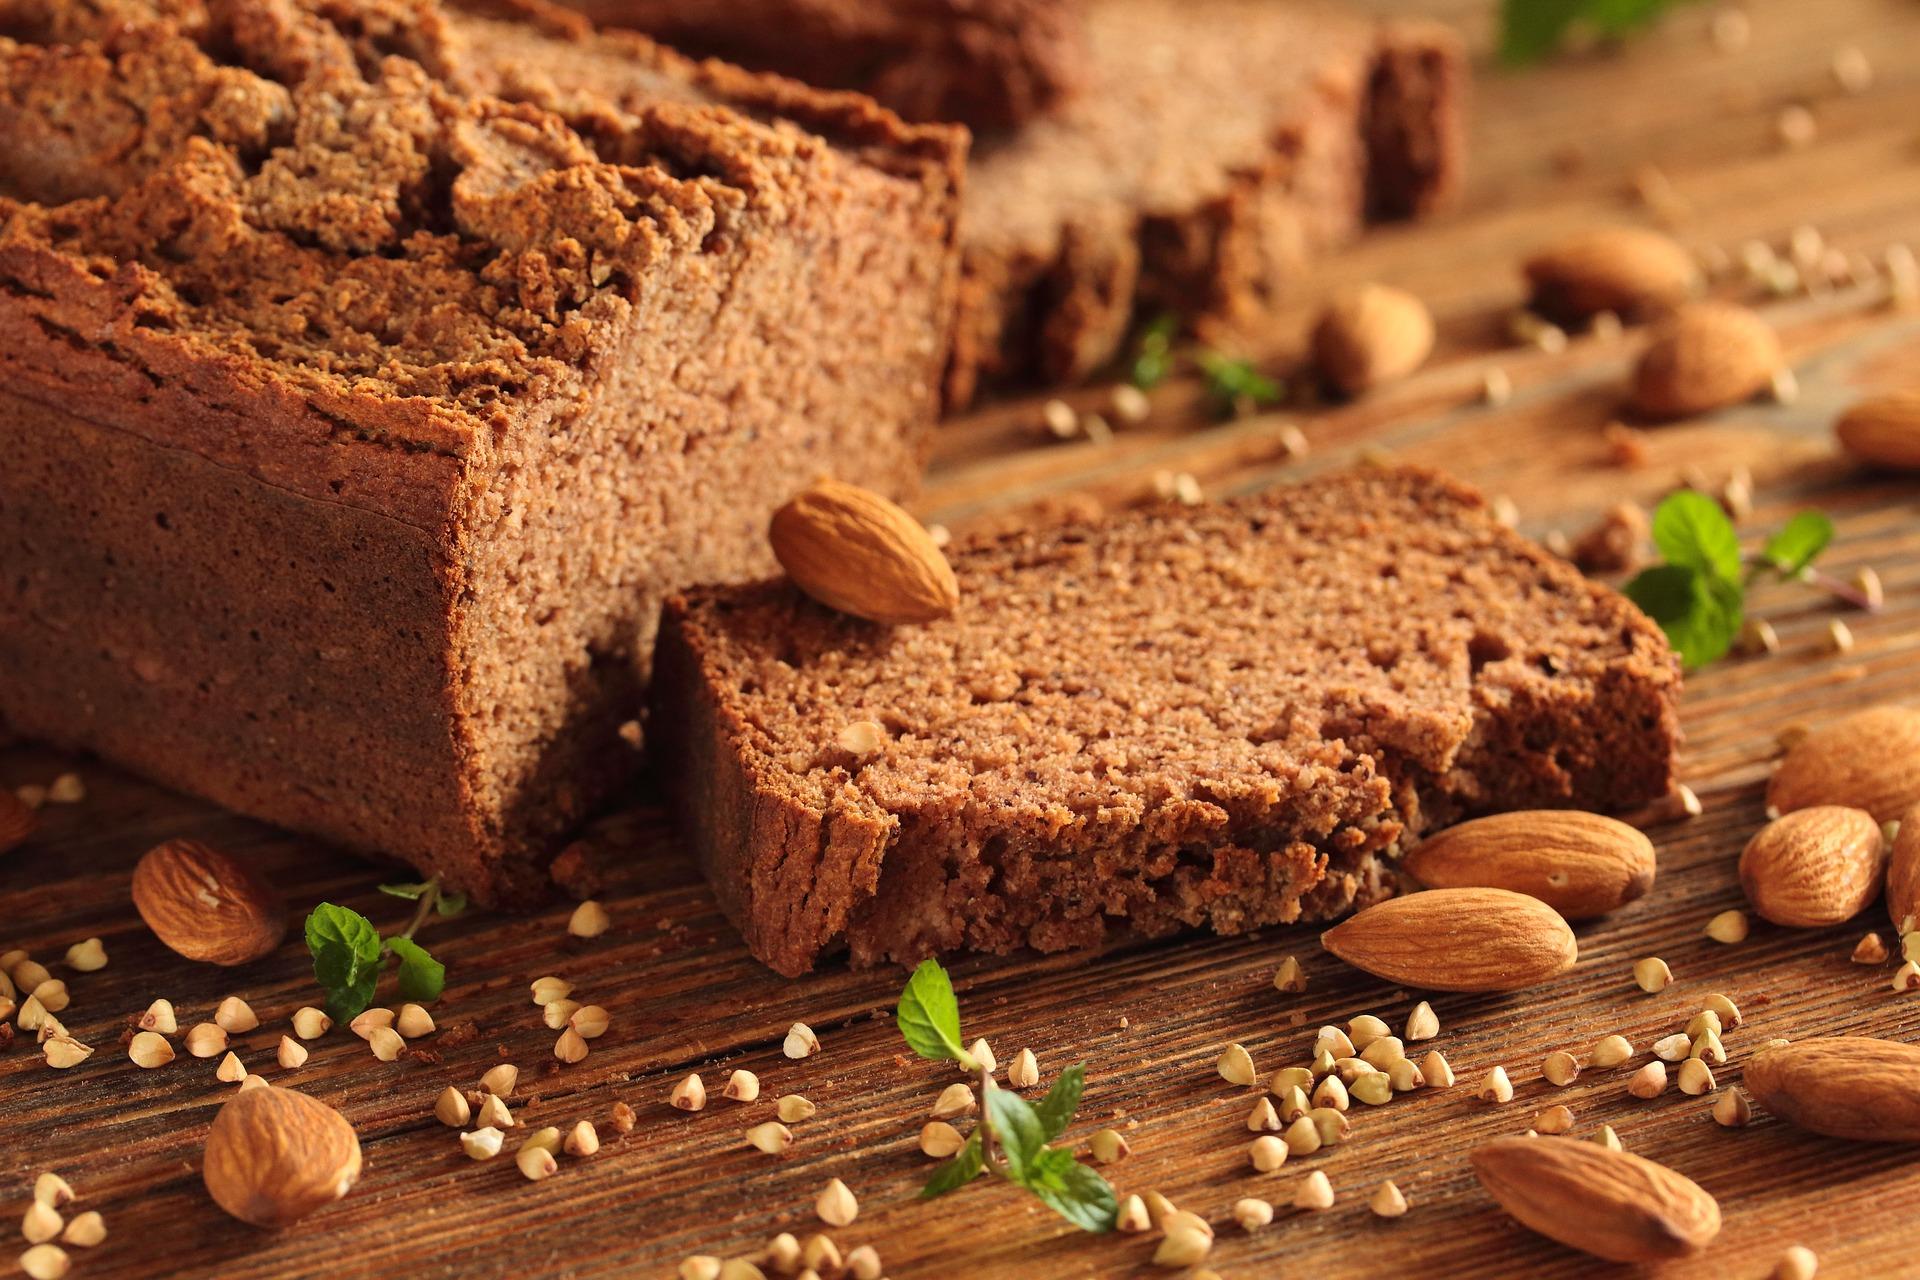 Las 3 Cosas que deberíamos saber antes de empezar una dieta sin gluten si no somos celíacos